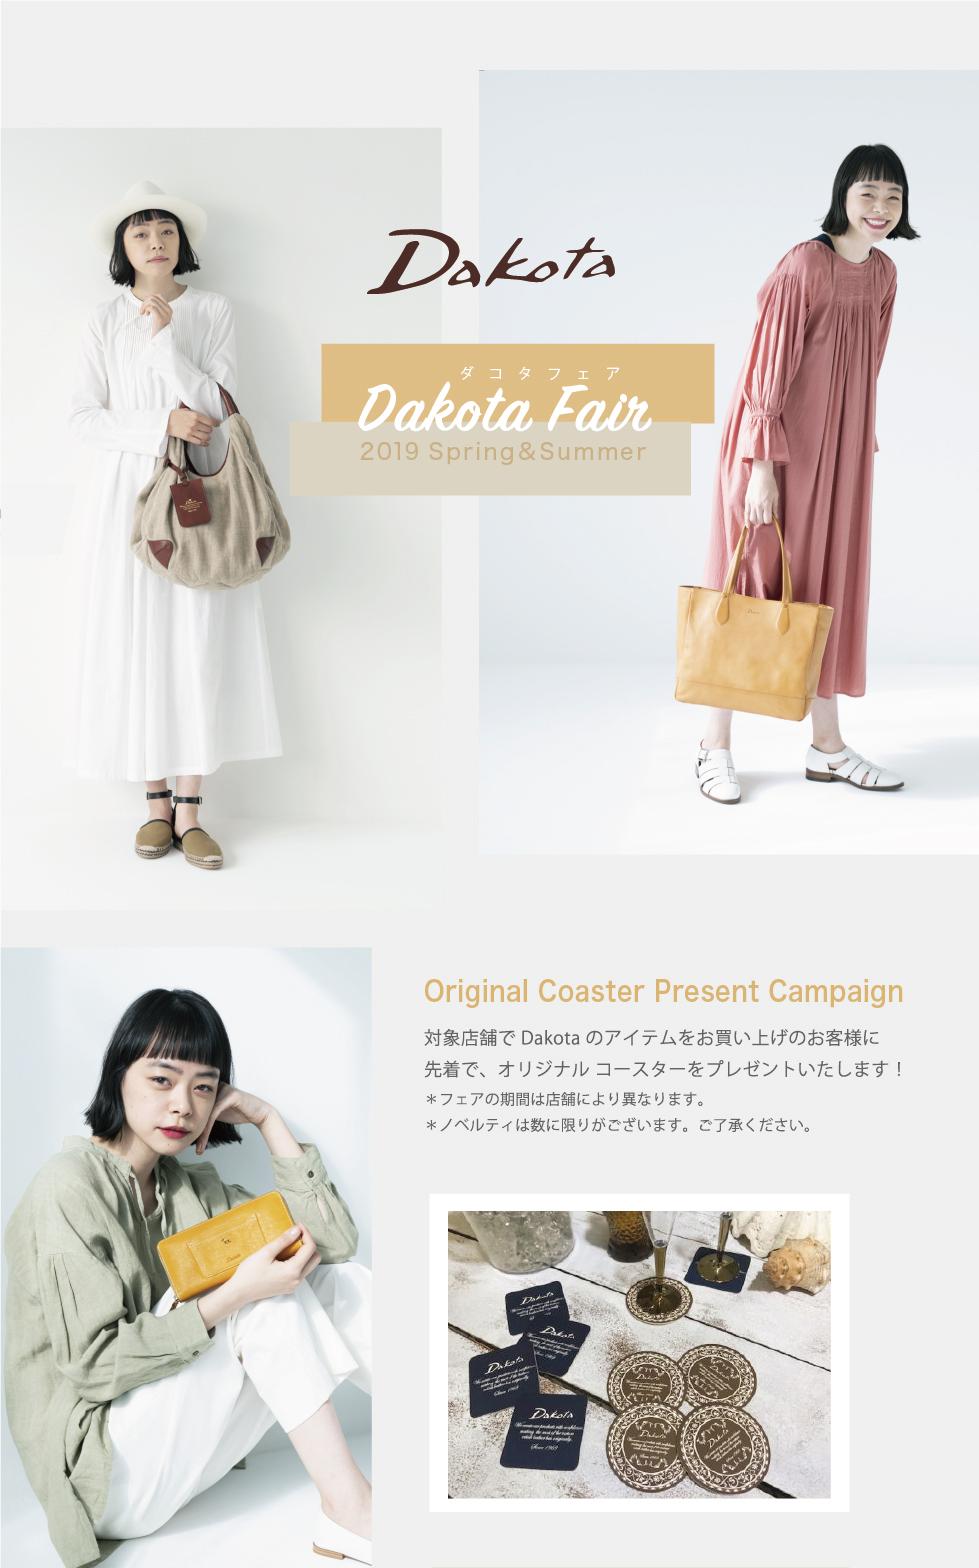 DakotaFair_LPimg1